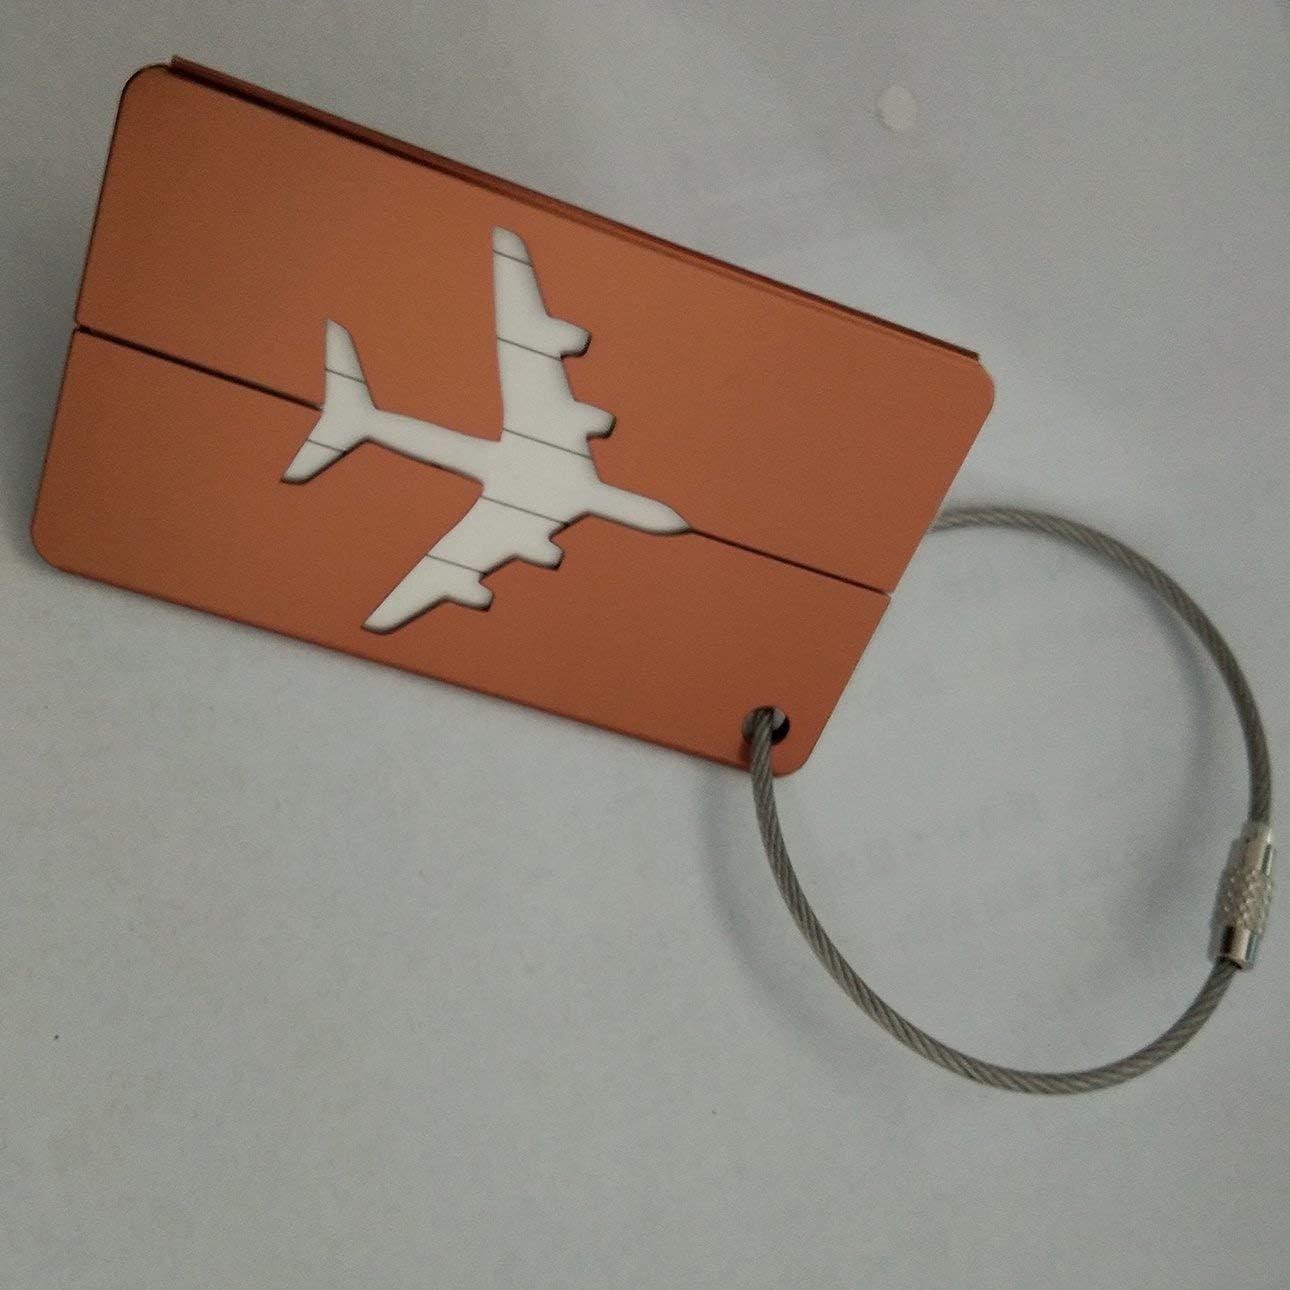 Ballylelly Couleurs multi dalliage daluminium d/étiquette de bagage en m/étal divers types de carte didentit/é d/étiquettes de voyage davion